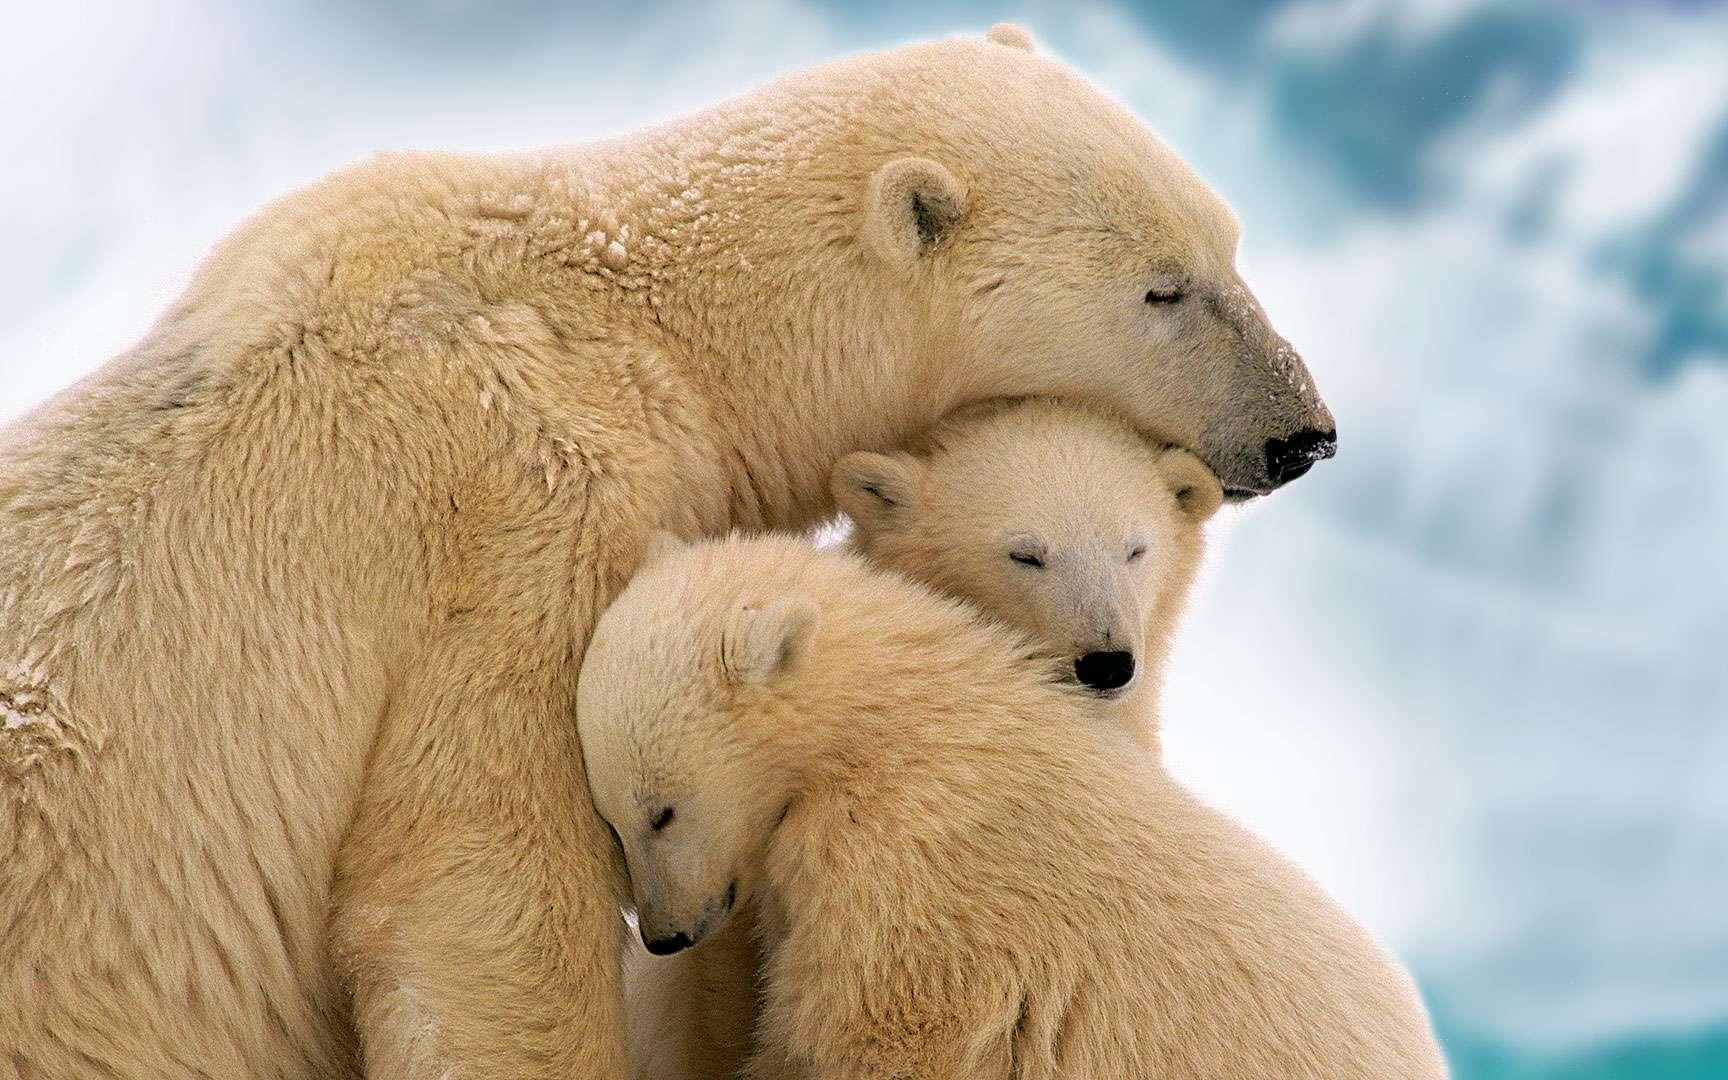 Les oursons blancs, bébés du froid. Les ours polaires ou ours blancs (Ursus maritimus) souffrent aujourd'hui du réchauffement climatique qui réduit la banquise. Le plus souvent, l'ourse polaire a des portées de deux oursons. © myheimu, CC by-nc 2.0